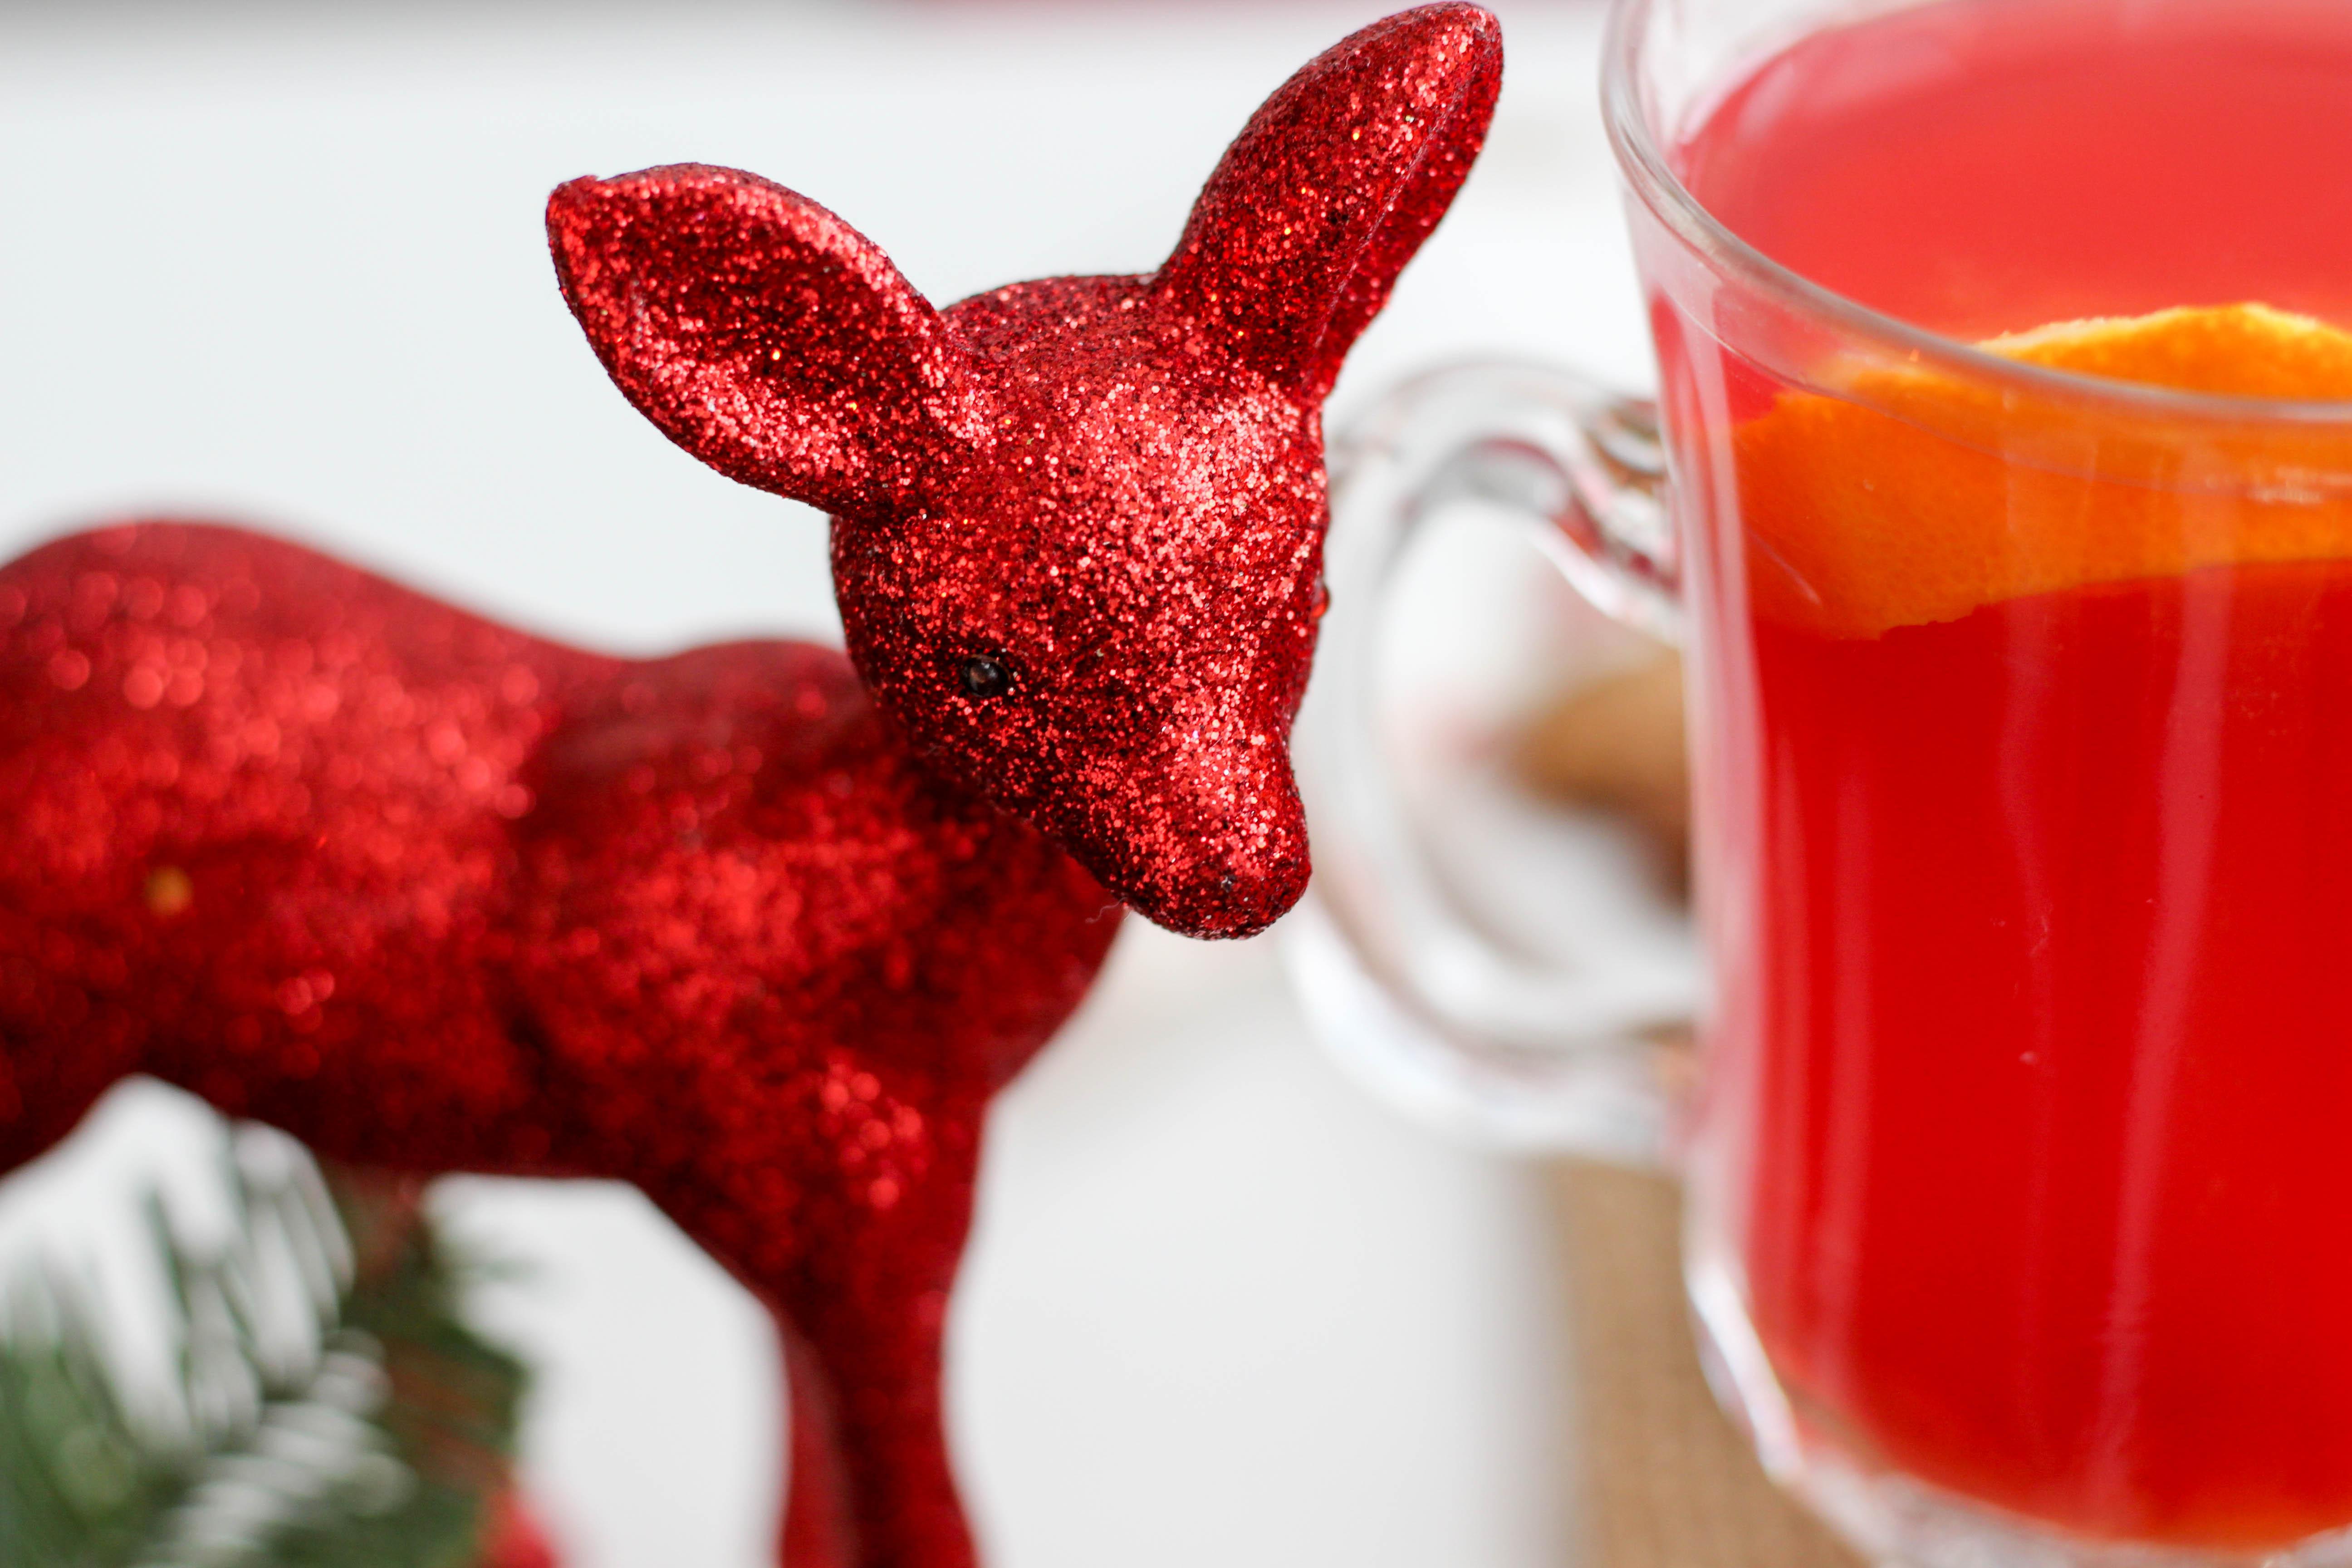 vegan-nikolaus-krampus-weihnachten-bratapfel-germteig-perchten-nuesse-christmas-soulfood-homespa-plantbased-22-von-35